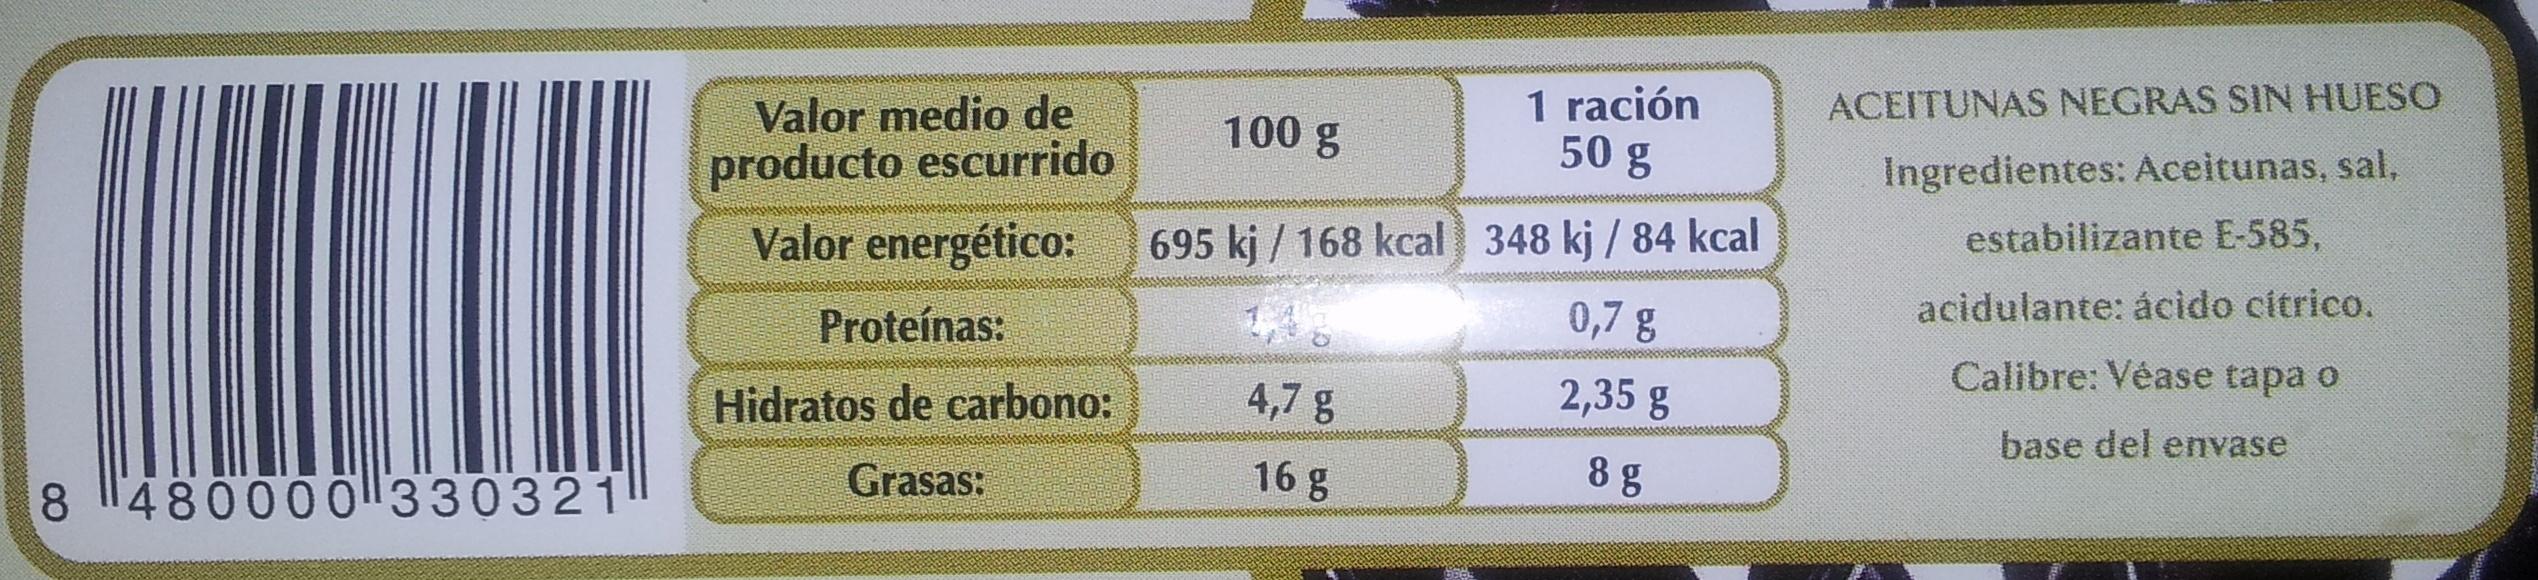 Aceitunas Negras sin Hueso - Información nutricional